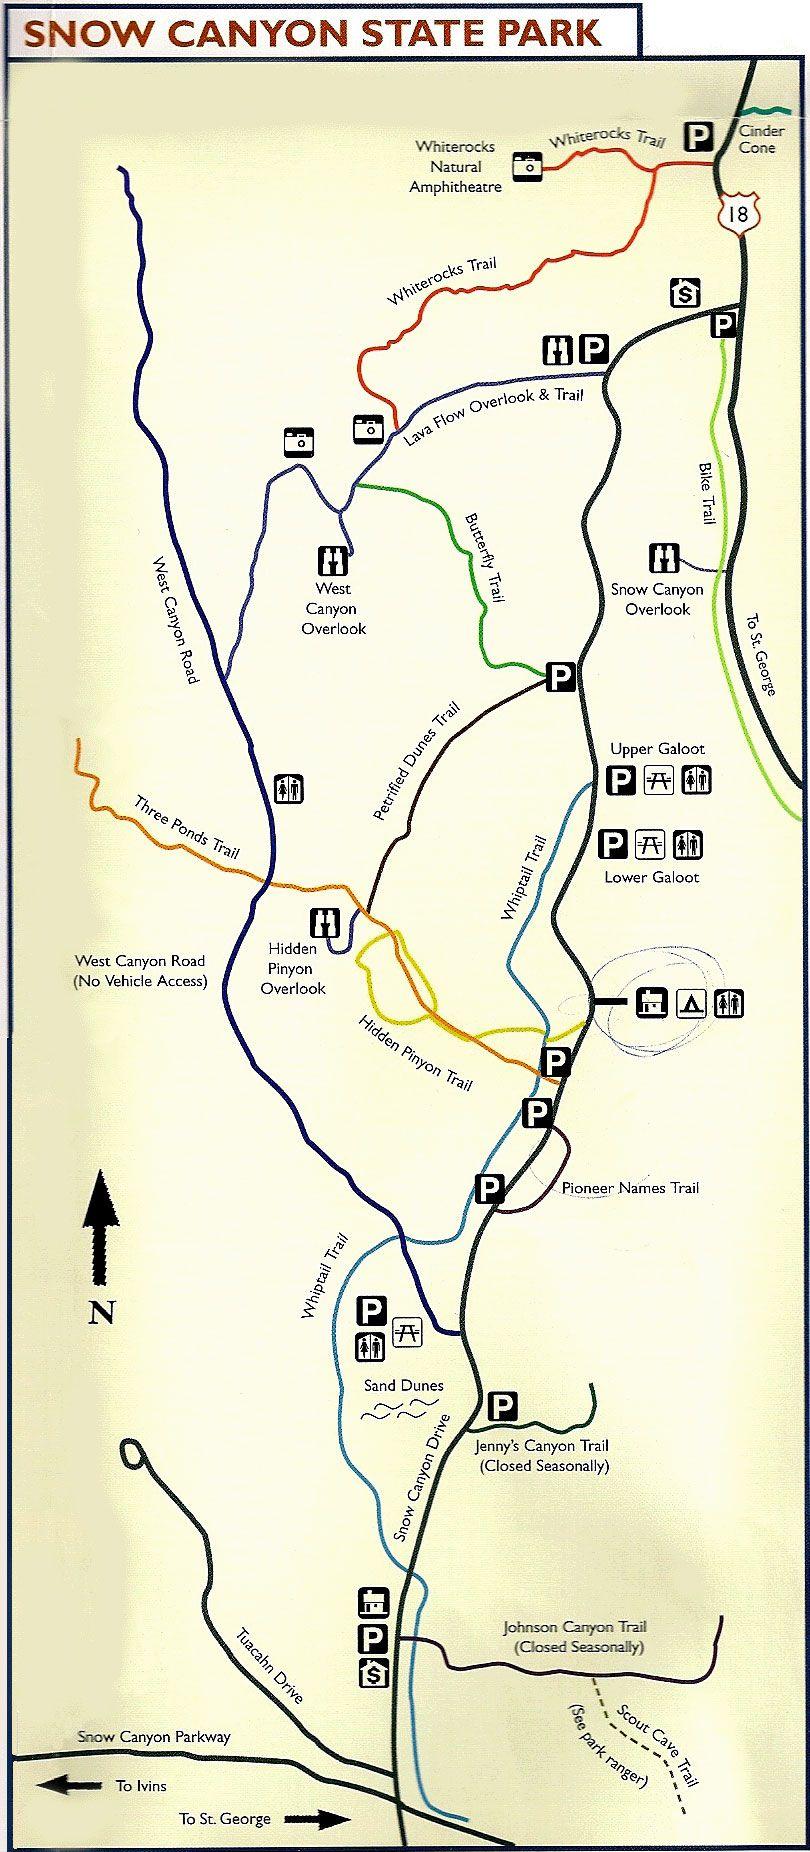 Snow Canyon Hiking Trails - RedRockAdventure.com